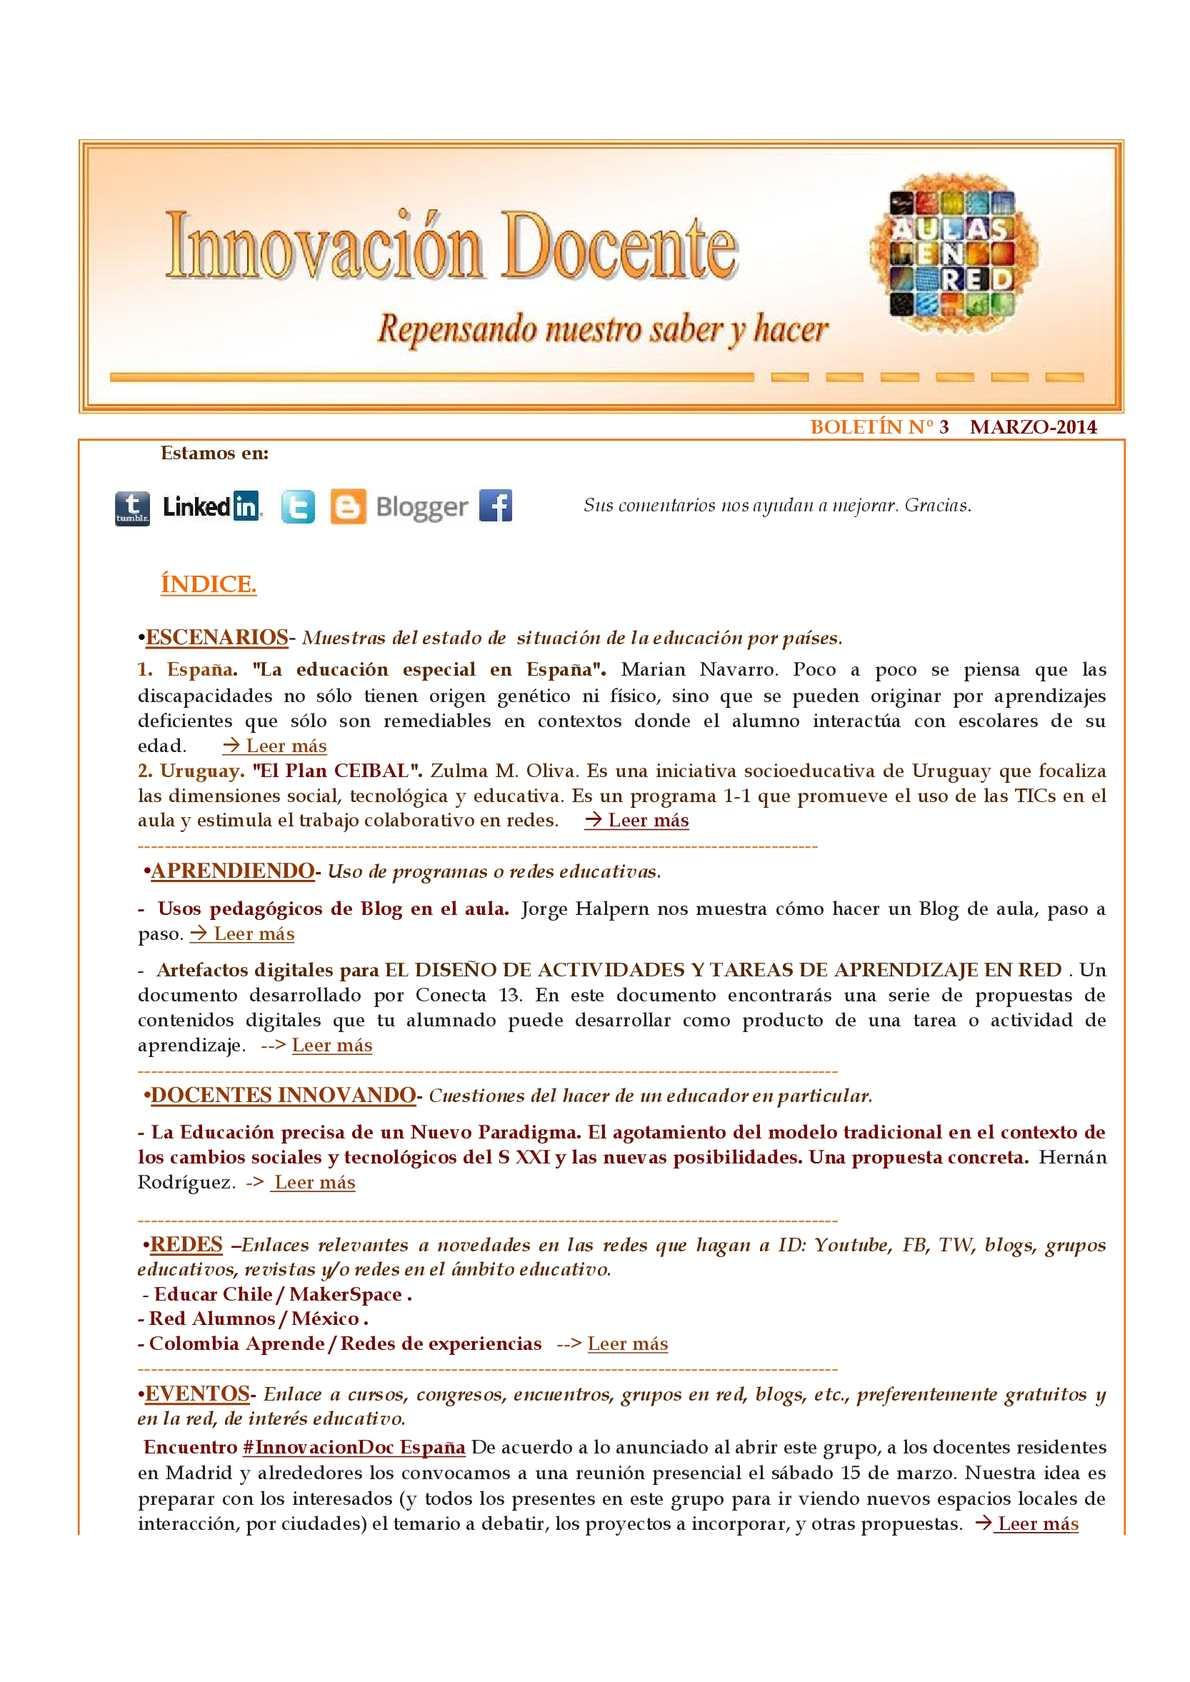 Calaméo - Boletín Nº3 de Innovación Docente